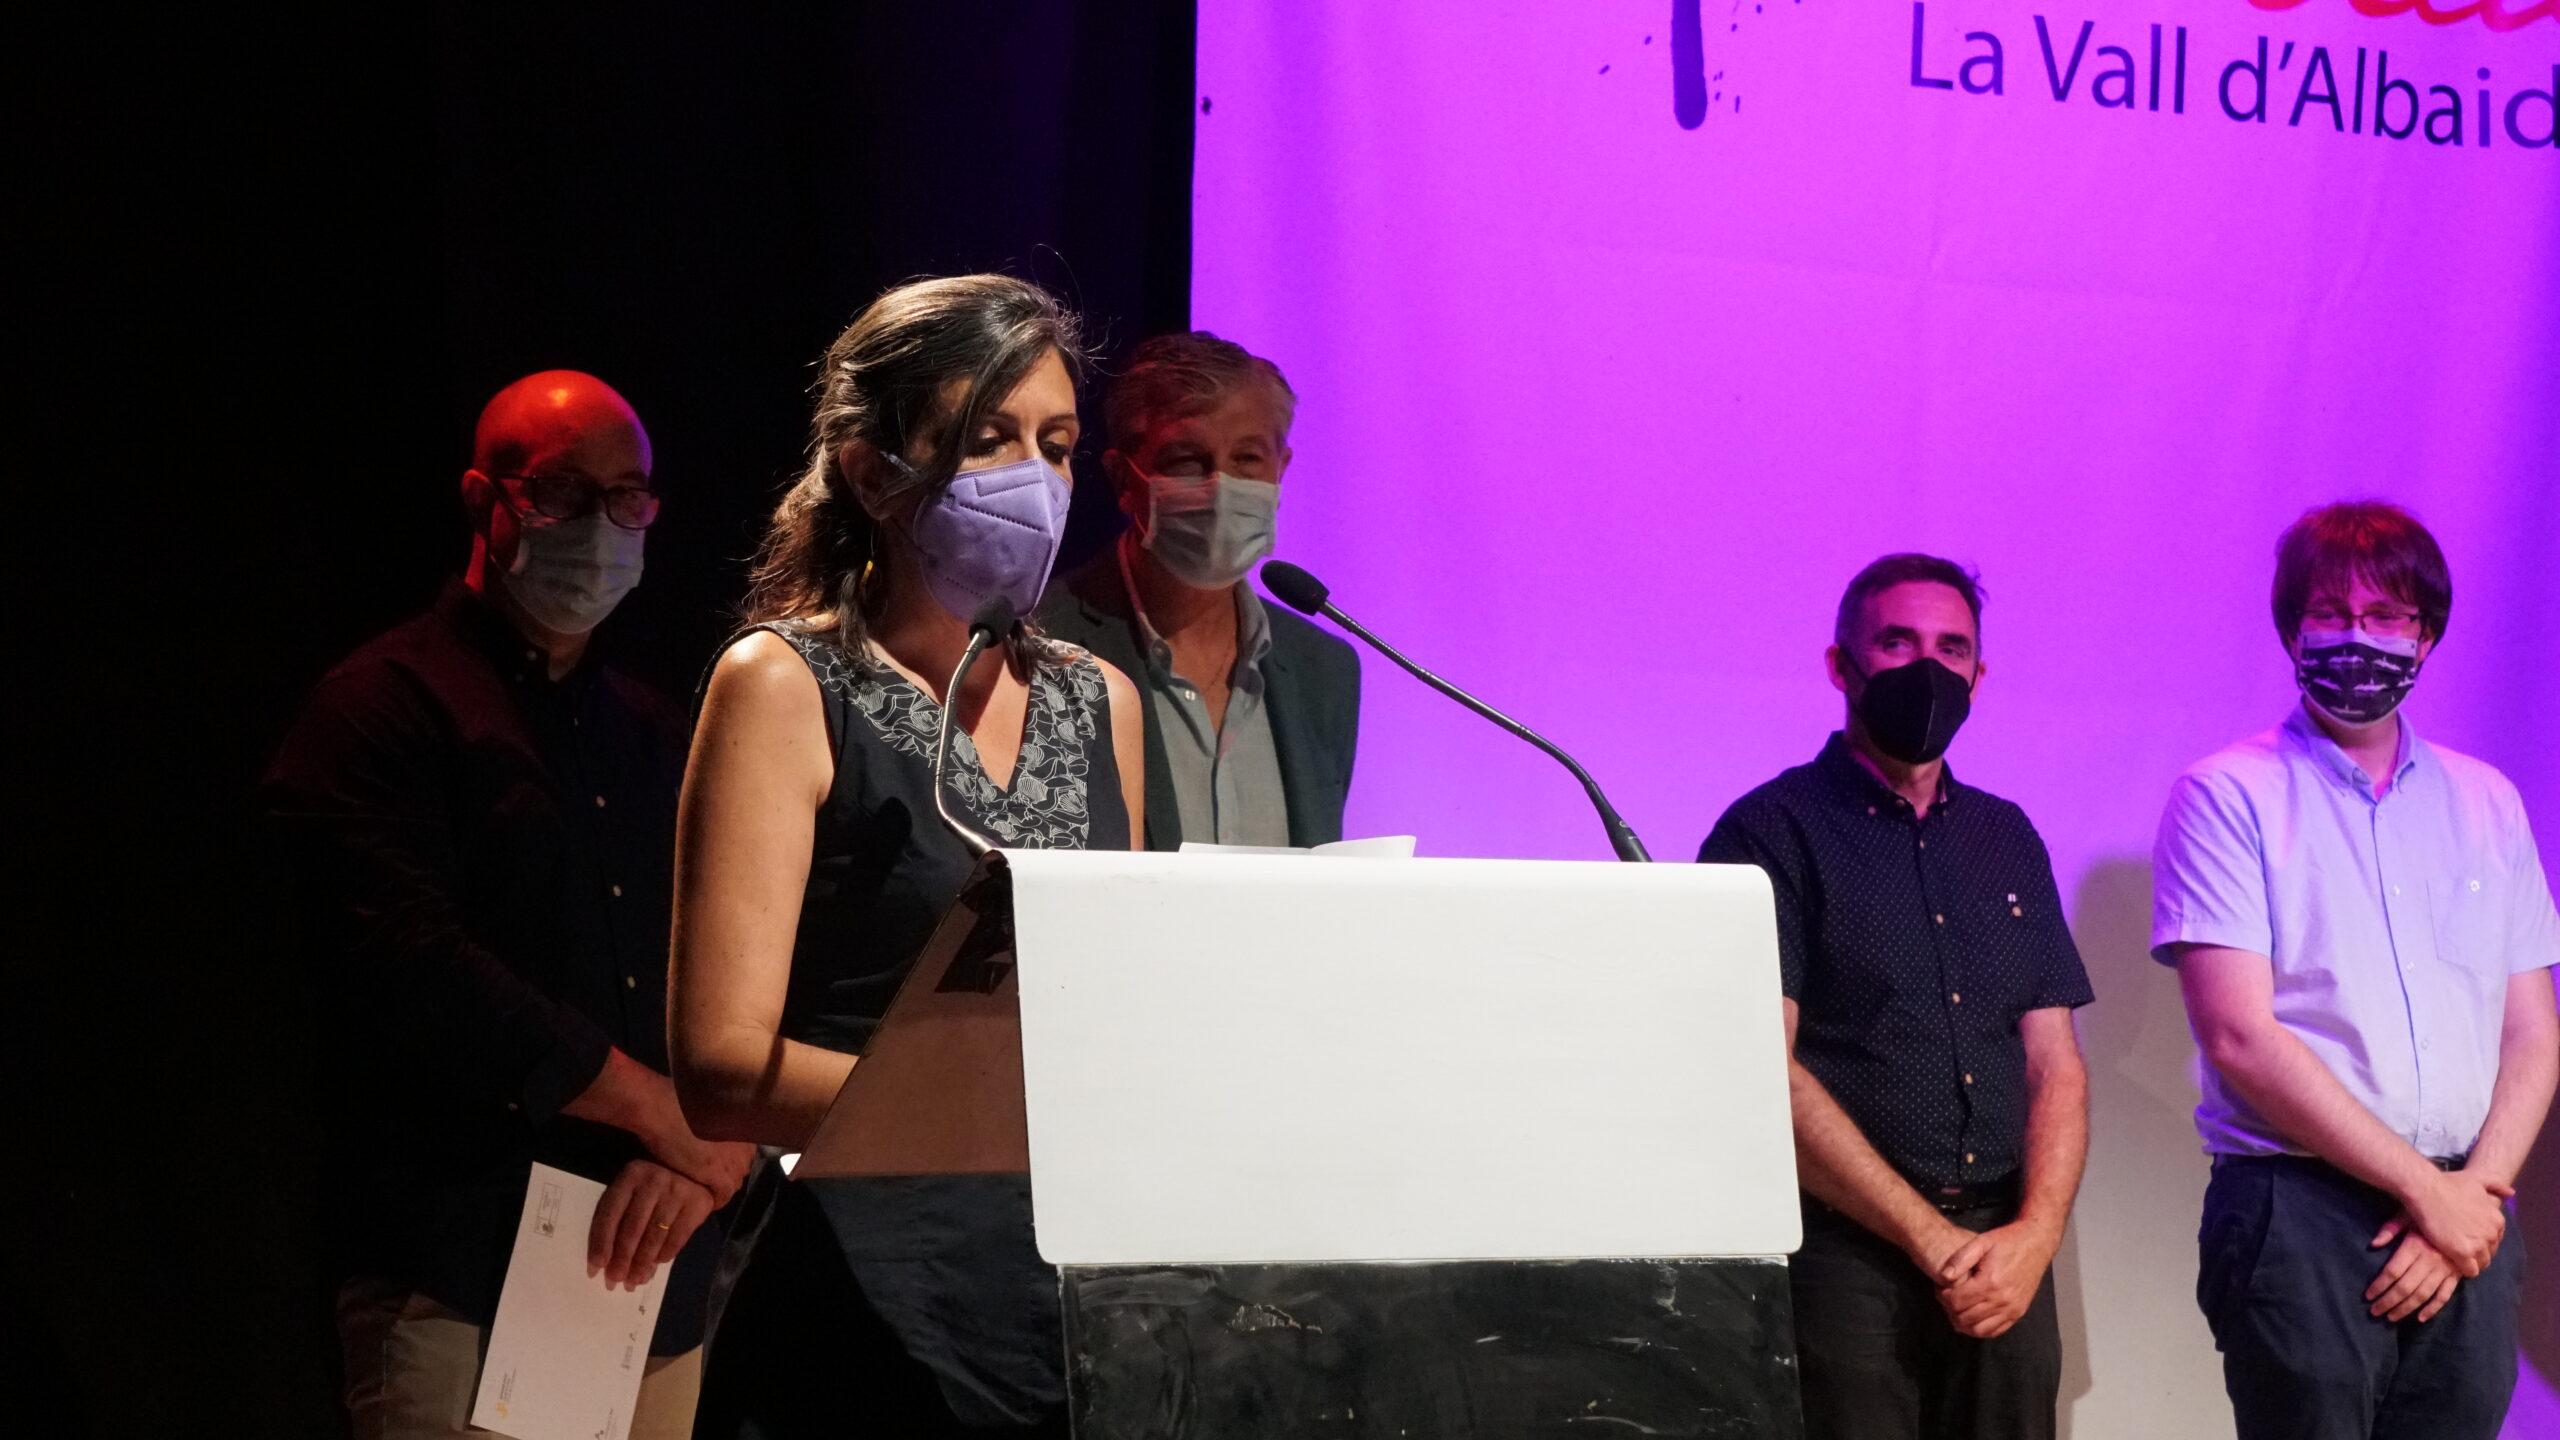 Elisabet Roig, guanyadora del 27 premi de Literatura Eròtica per 'Tancament perimetral' El Periòdic d'Ontinyent - Noticies a Ontinyent